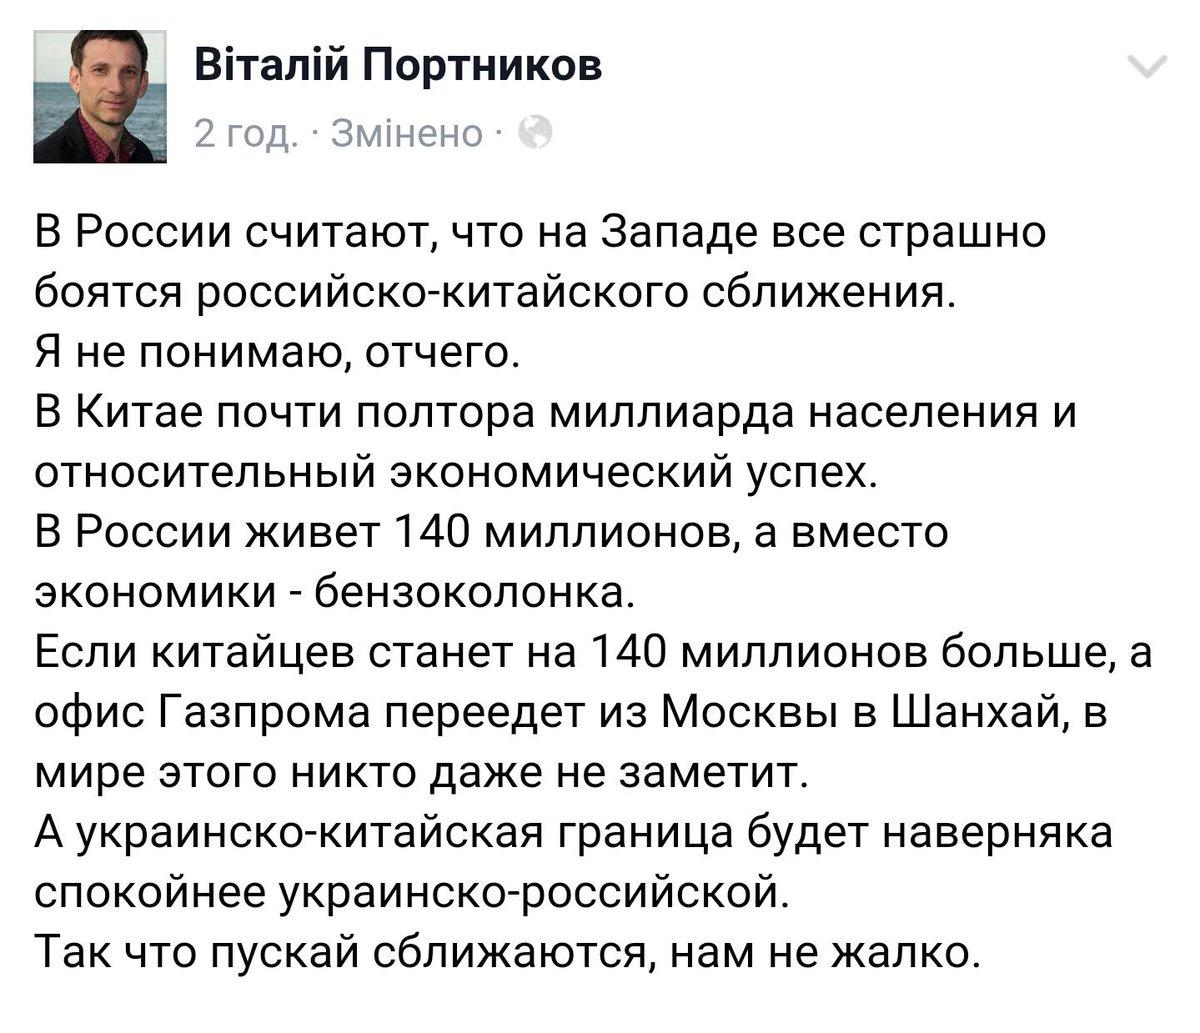 Защита Надежды Савченко считает маловероятным обмен украинской летчицы на пленных российских военных - Цензор.НЕТ 271